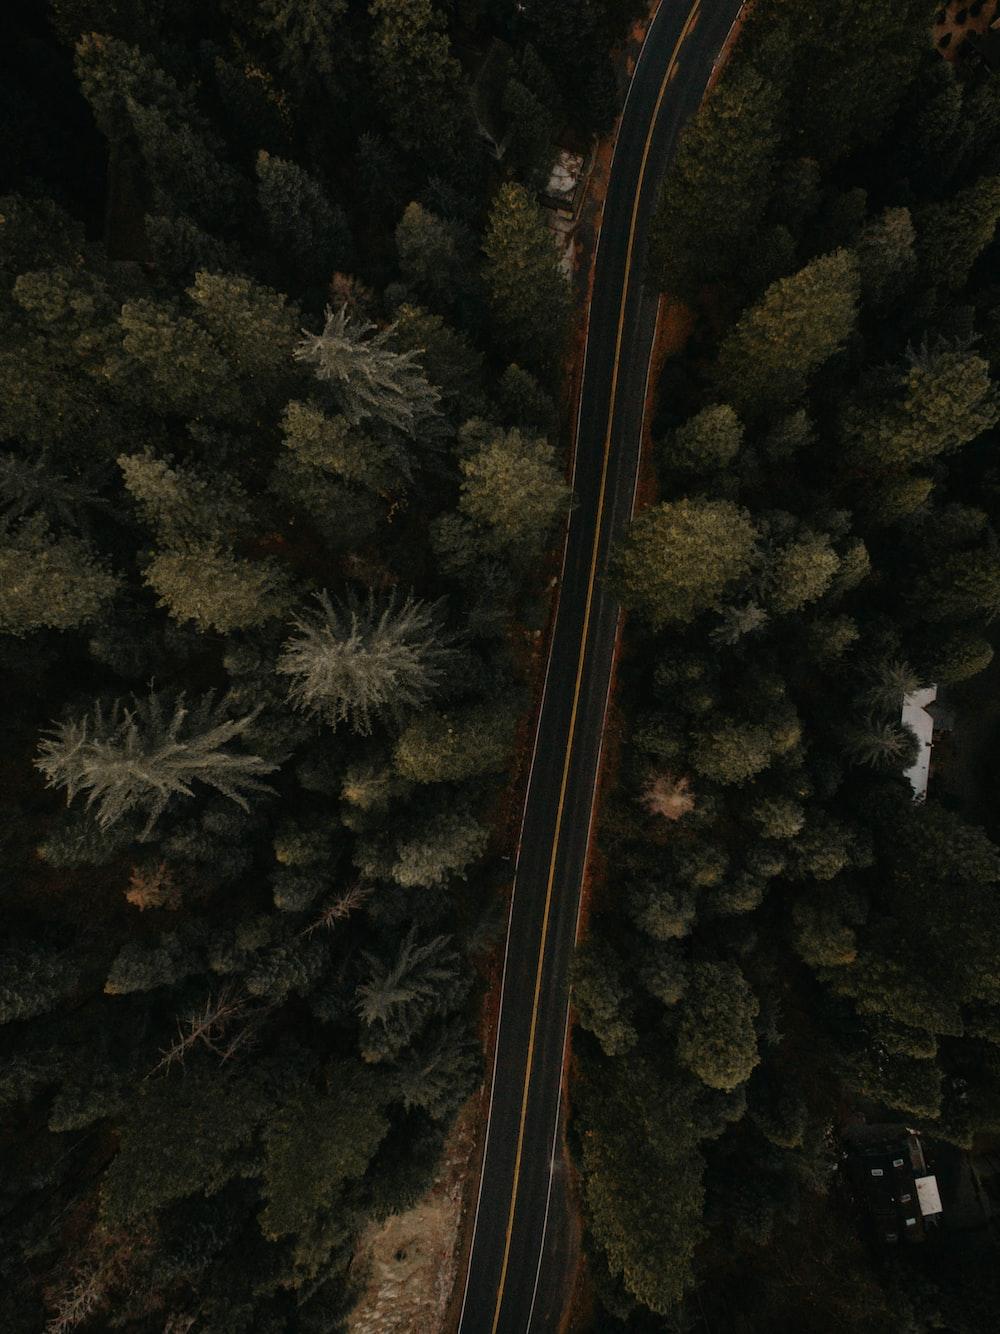 bird's-eye view shot of highway road